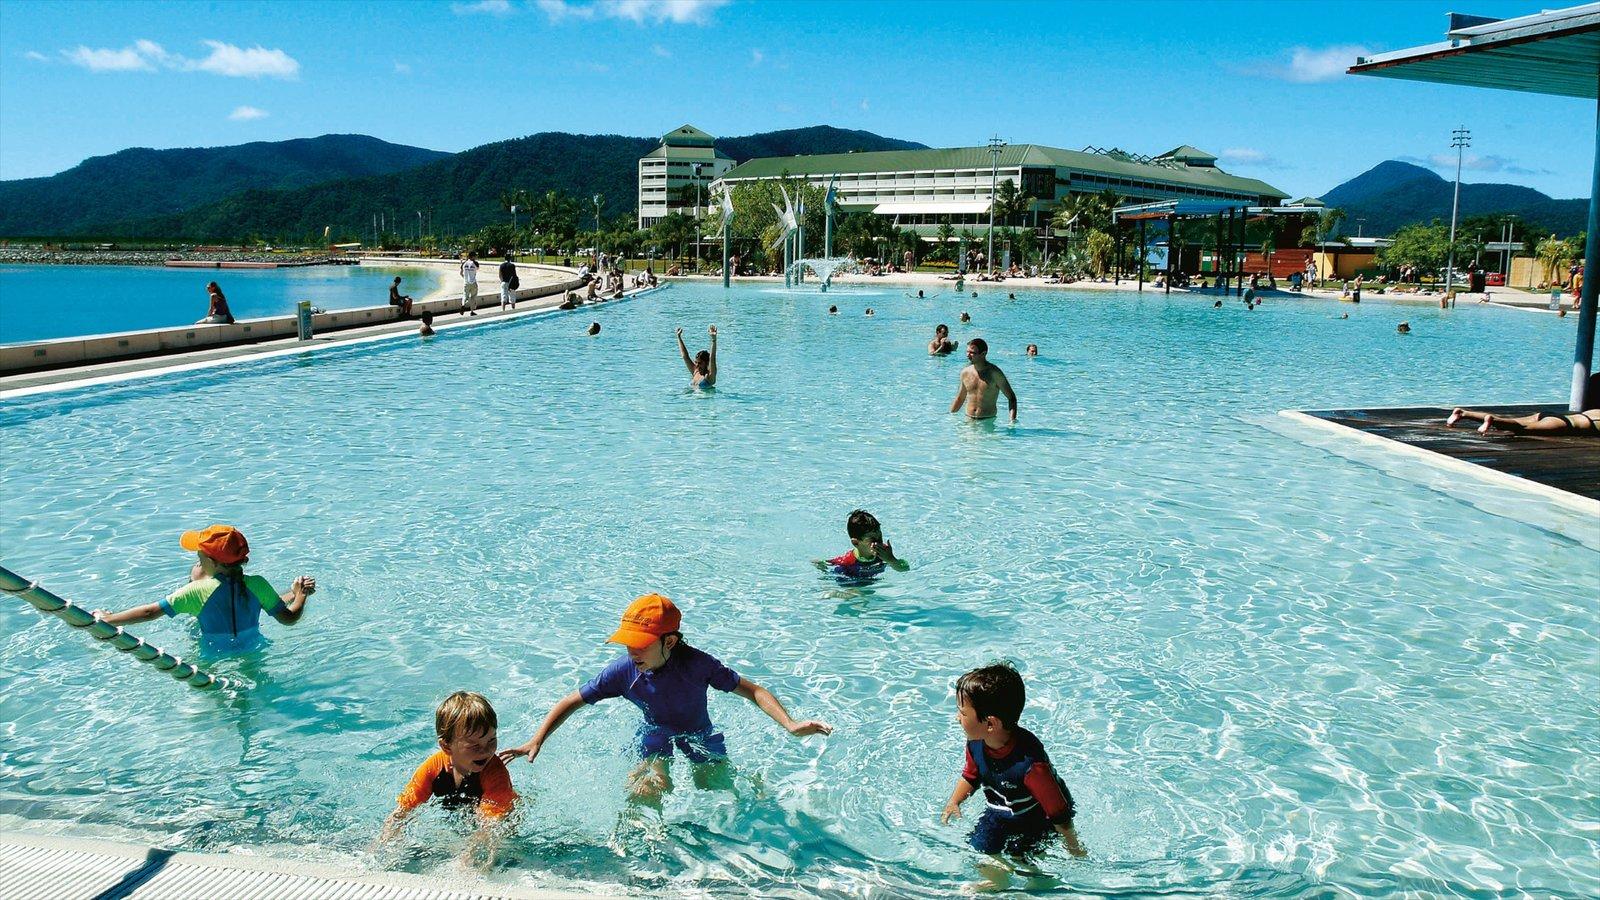 Cairns Esplanade que incluye natación, una alberca y un hotel o resort de lujo